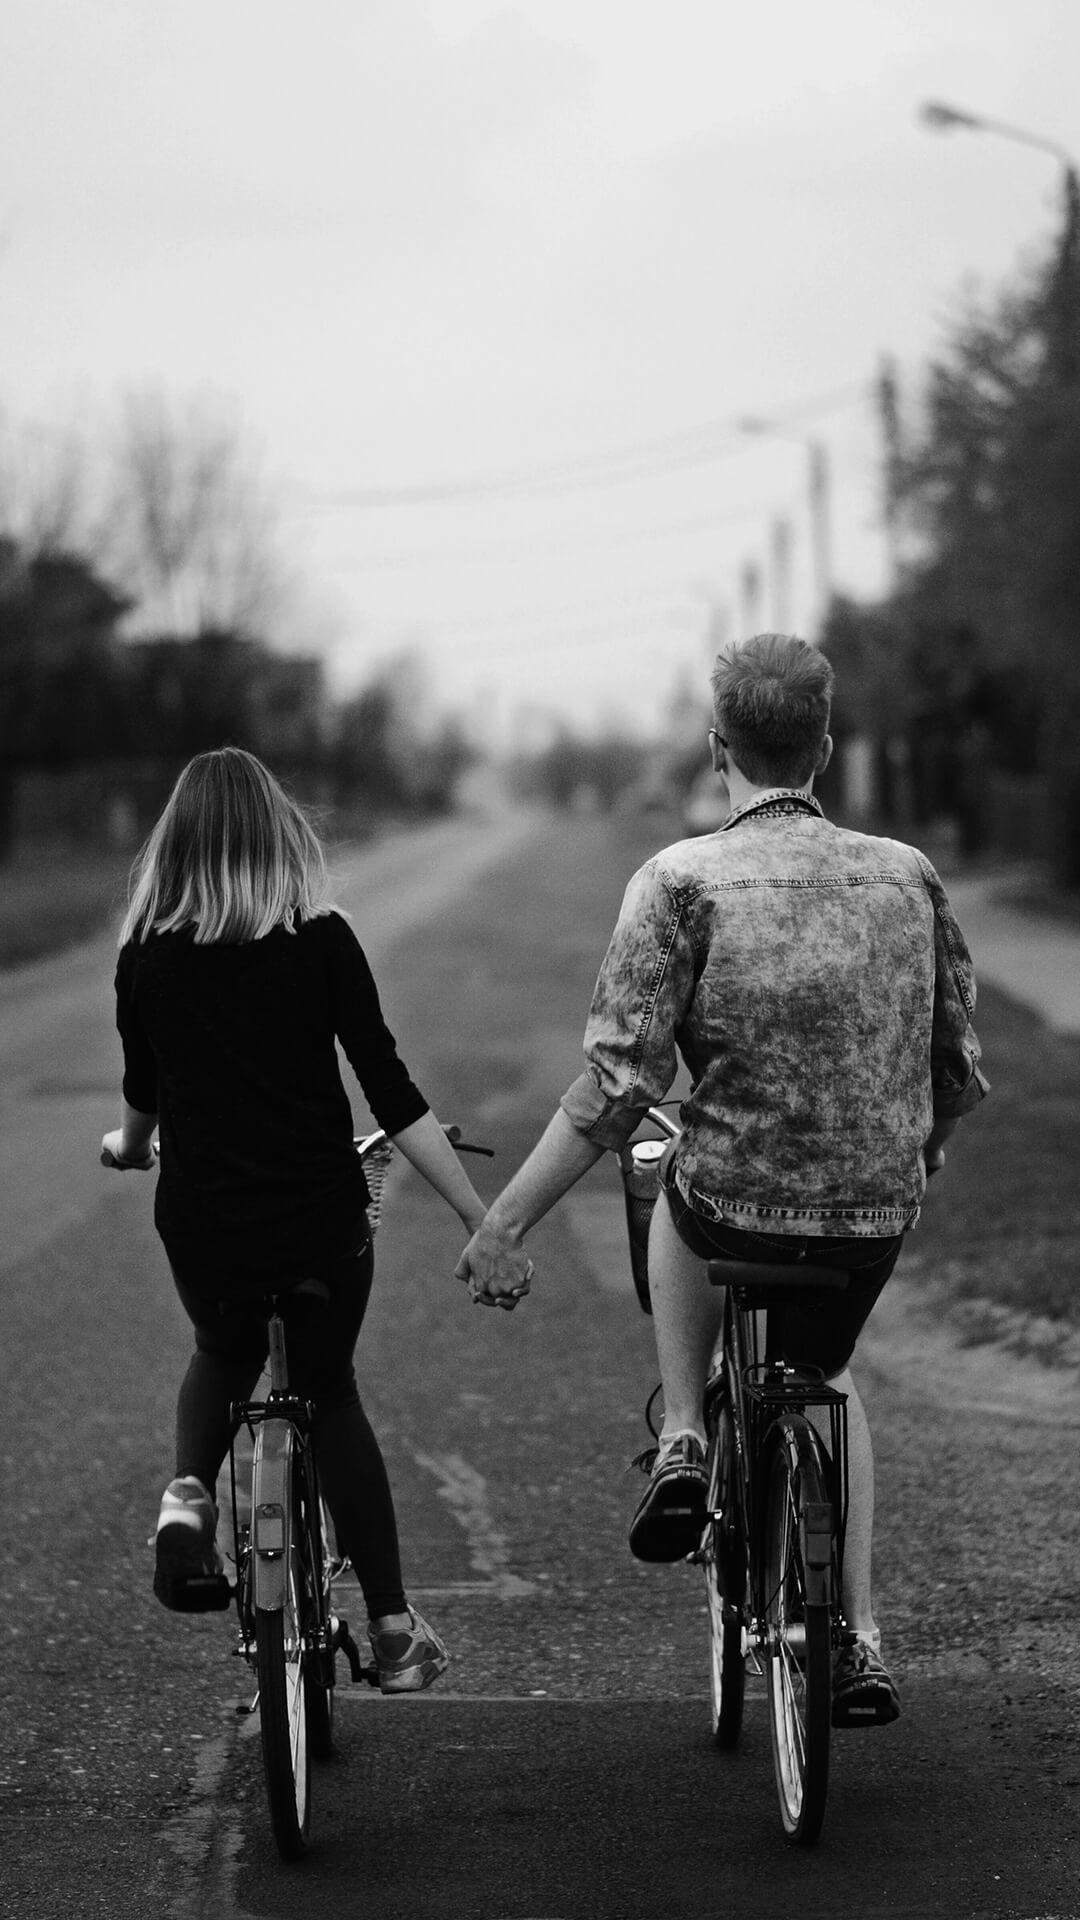 Vertrauen in Beziehungen: Aufbauen und verlieren